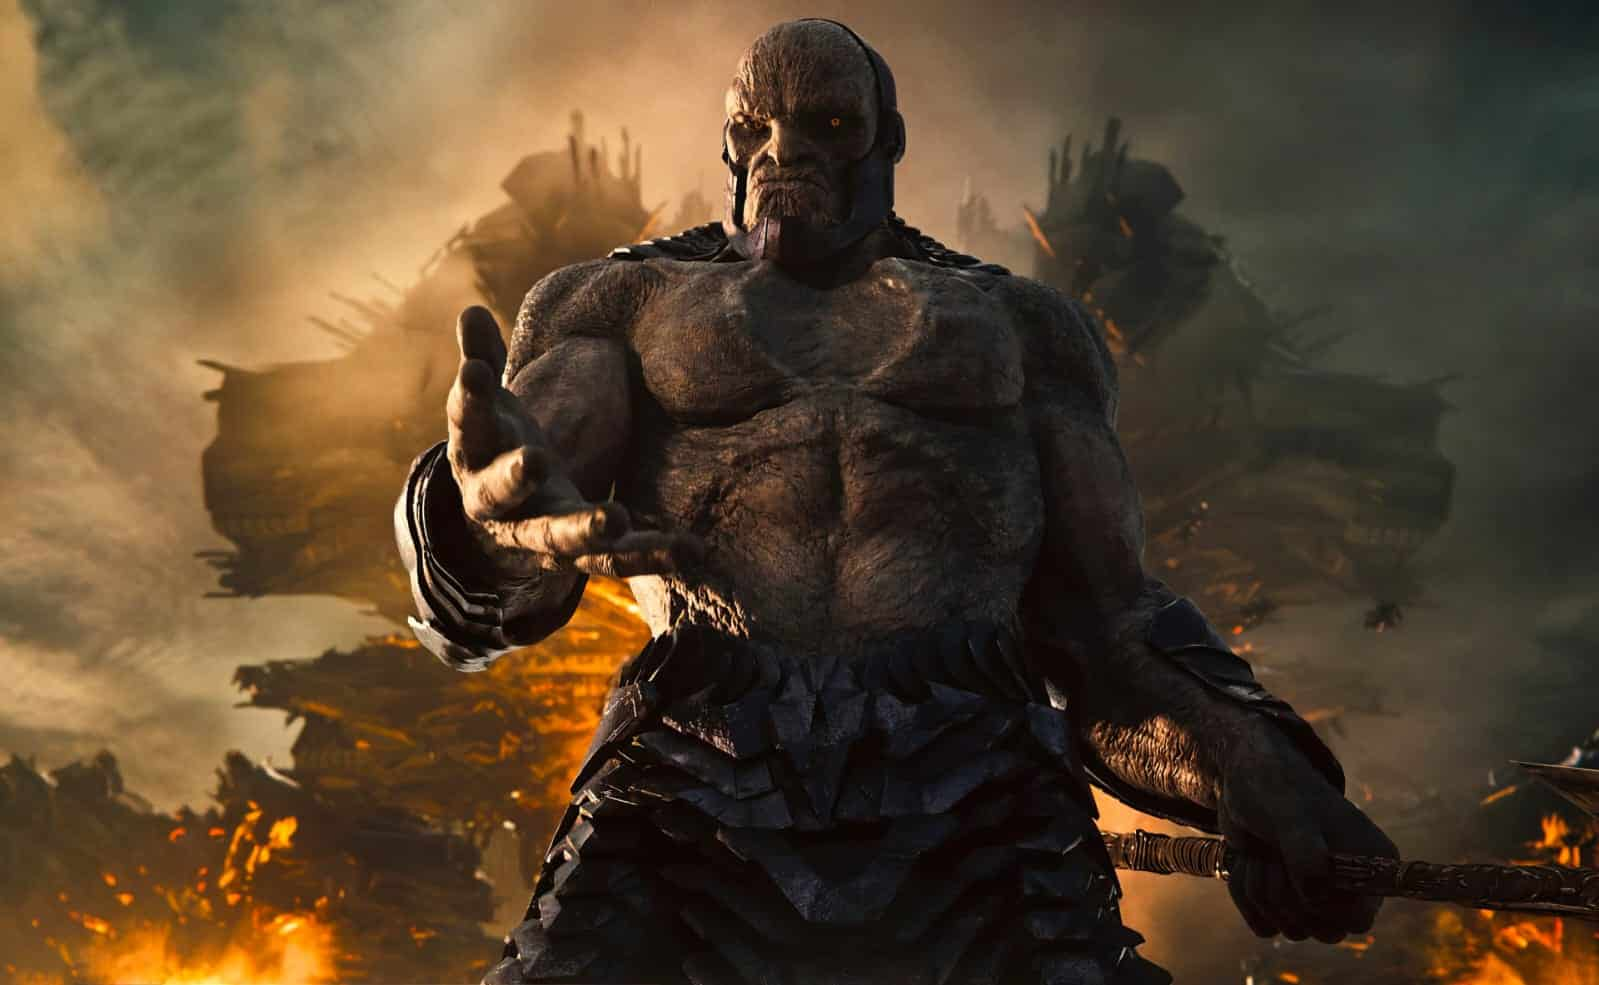 darkseid faz sua estreia na liga da justiça de zack snyder